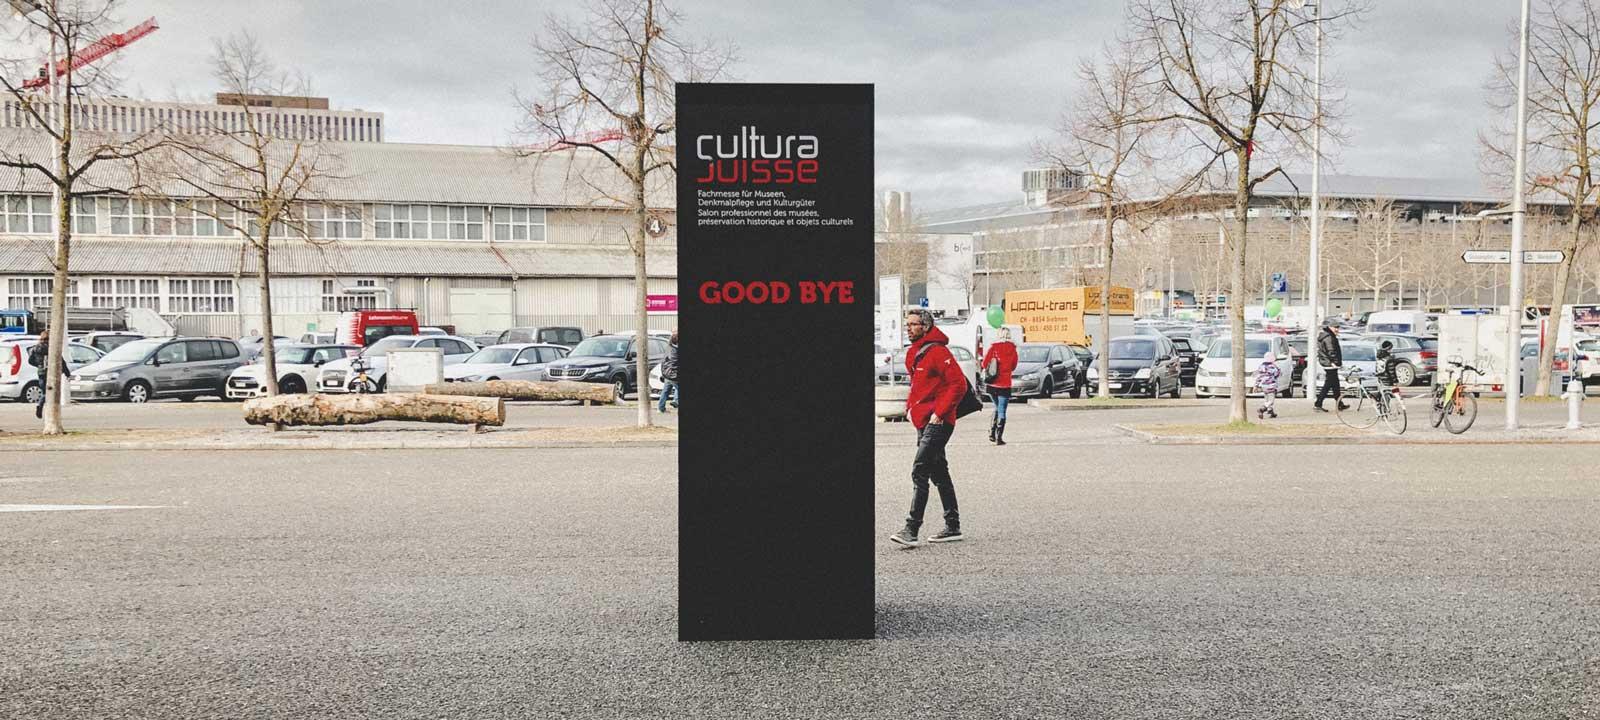 zetcom_cultura_suisse_01.19_X